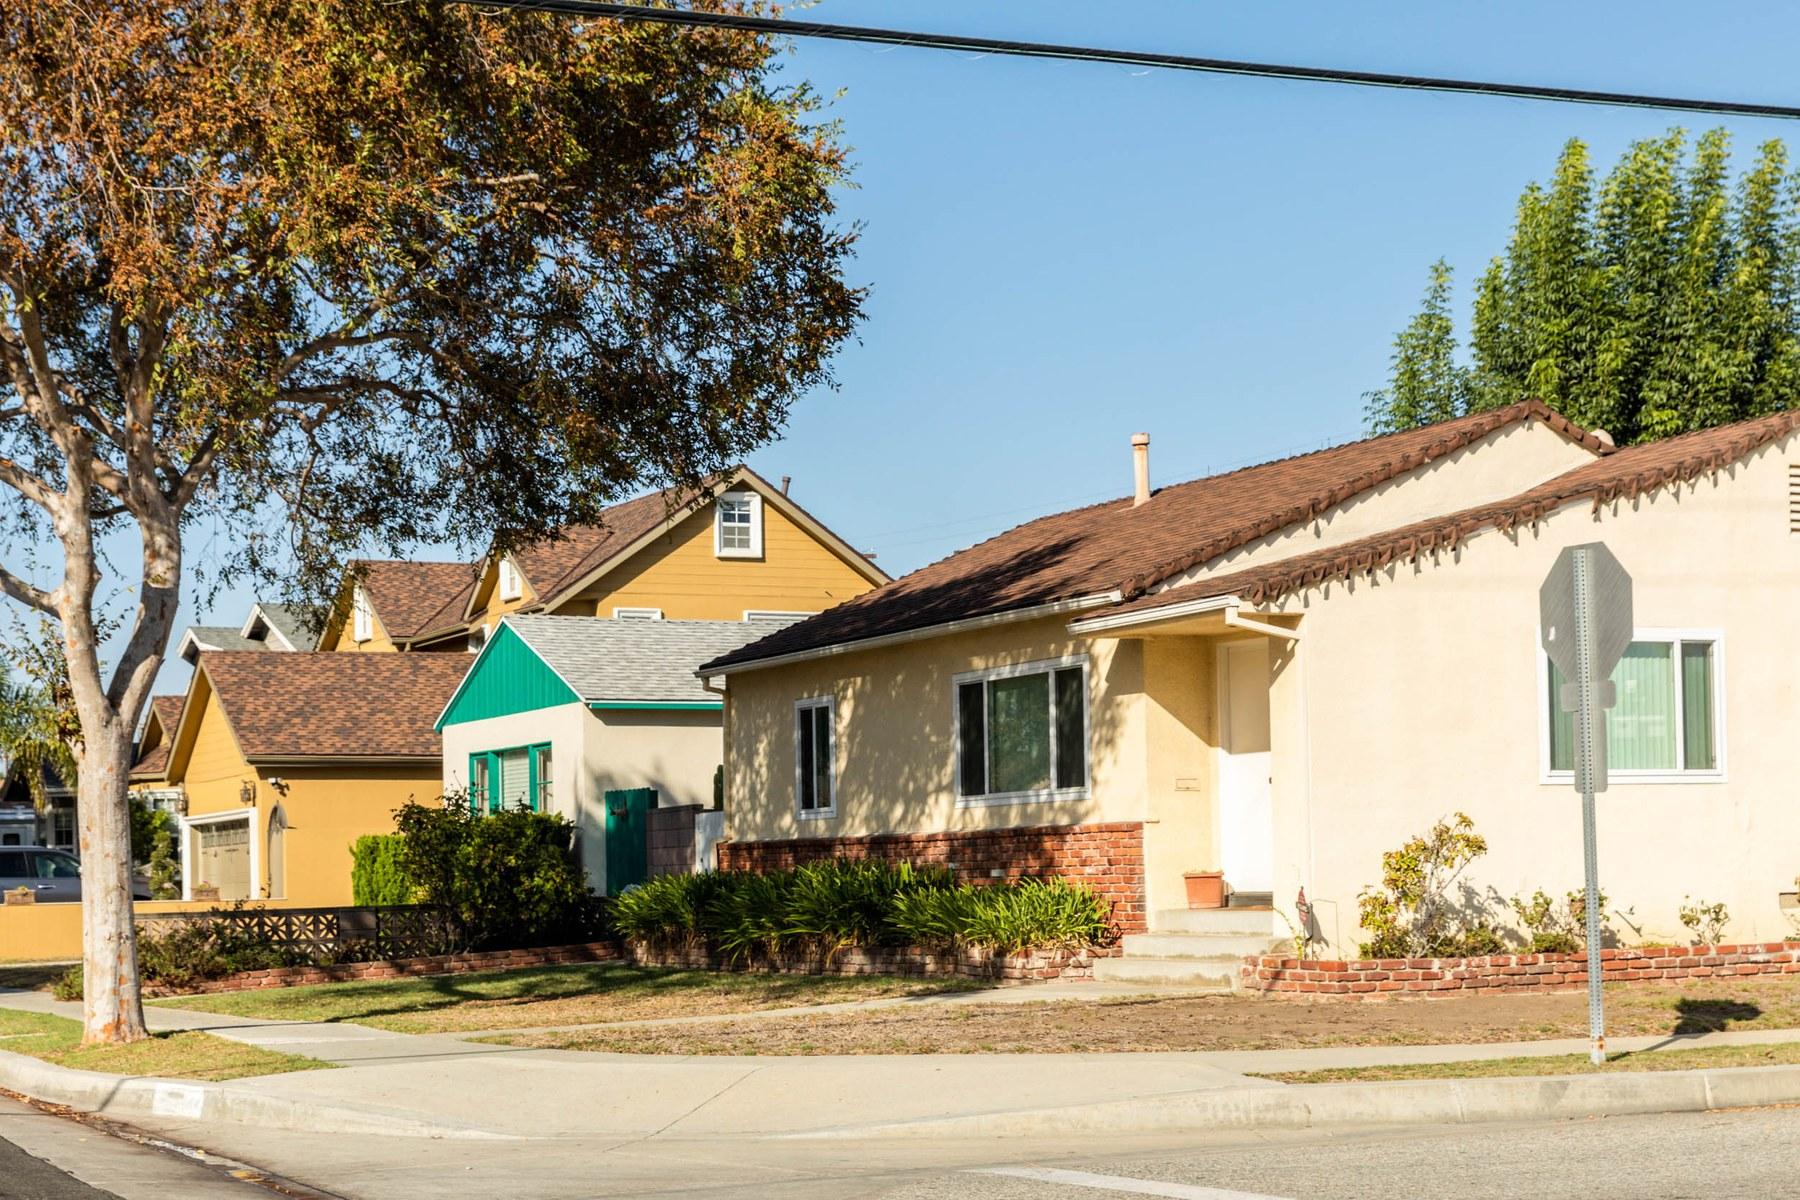 Sunkist Park Culver City Ca Neighborhood Guide Trulia